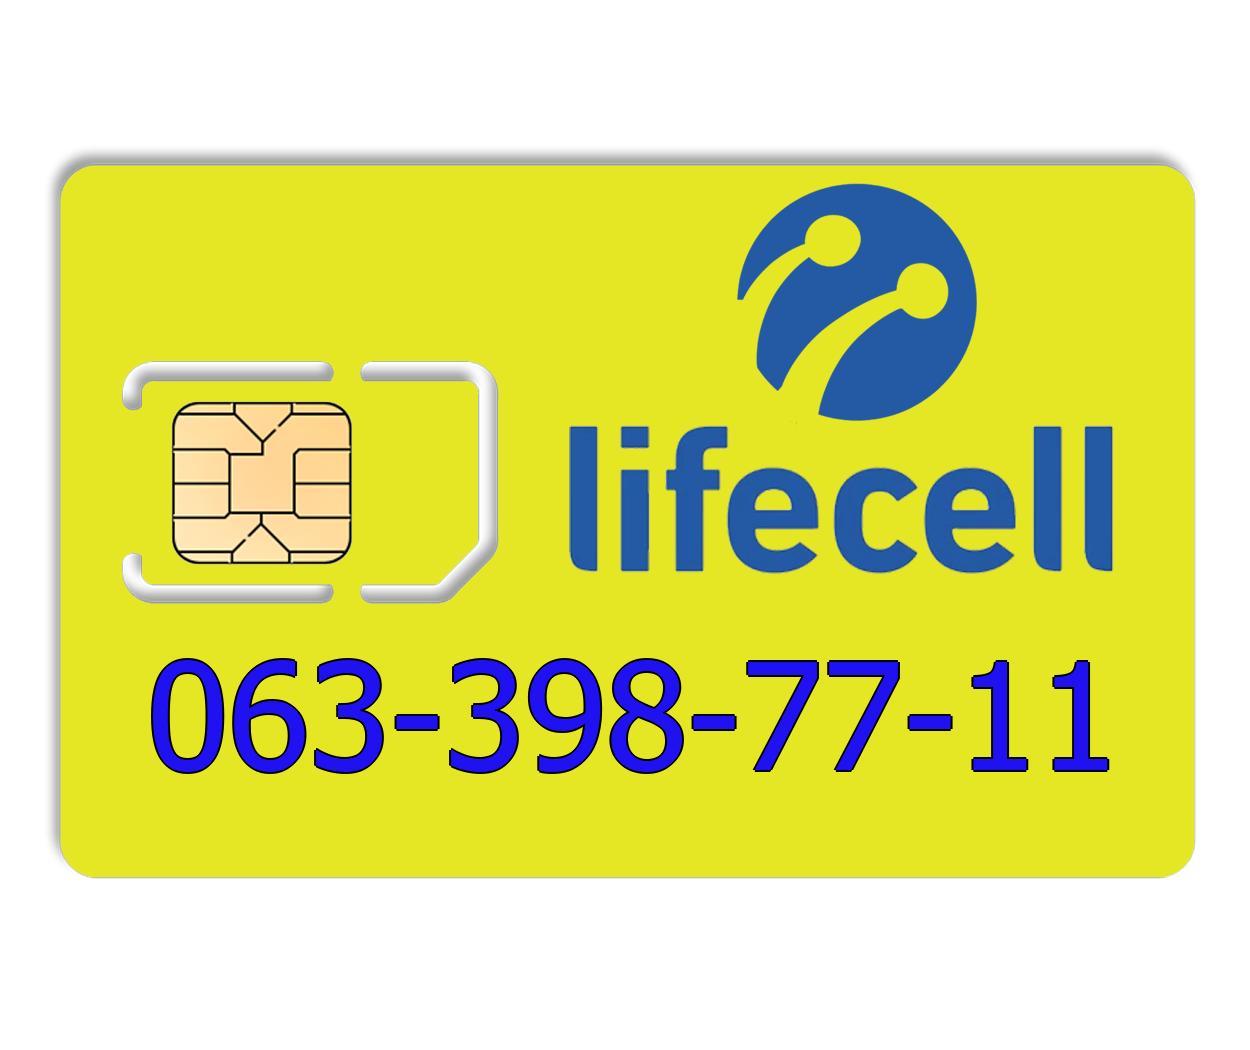 Красивый номер lifecell 063-398-77-11